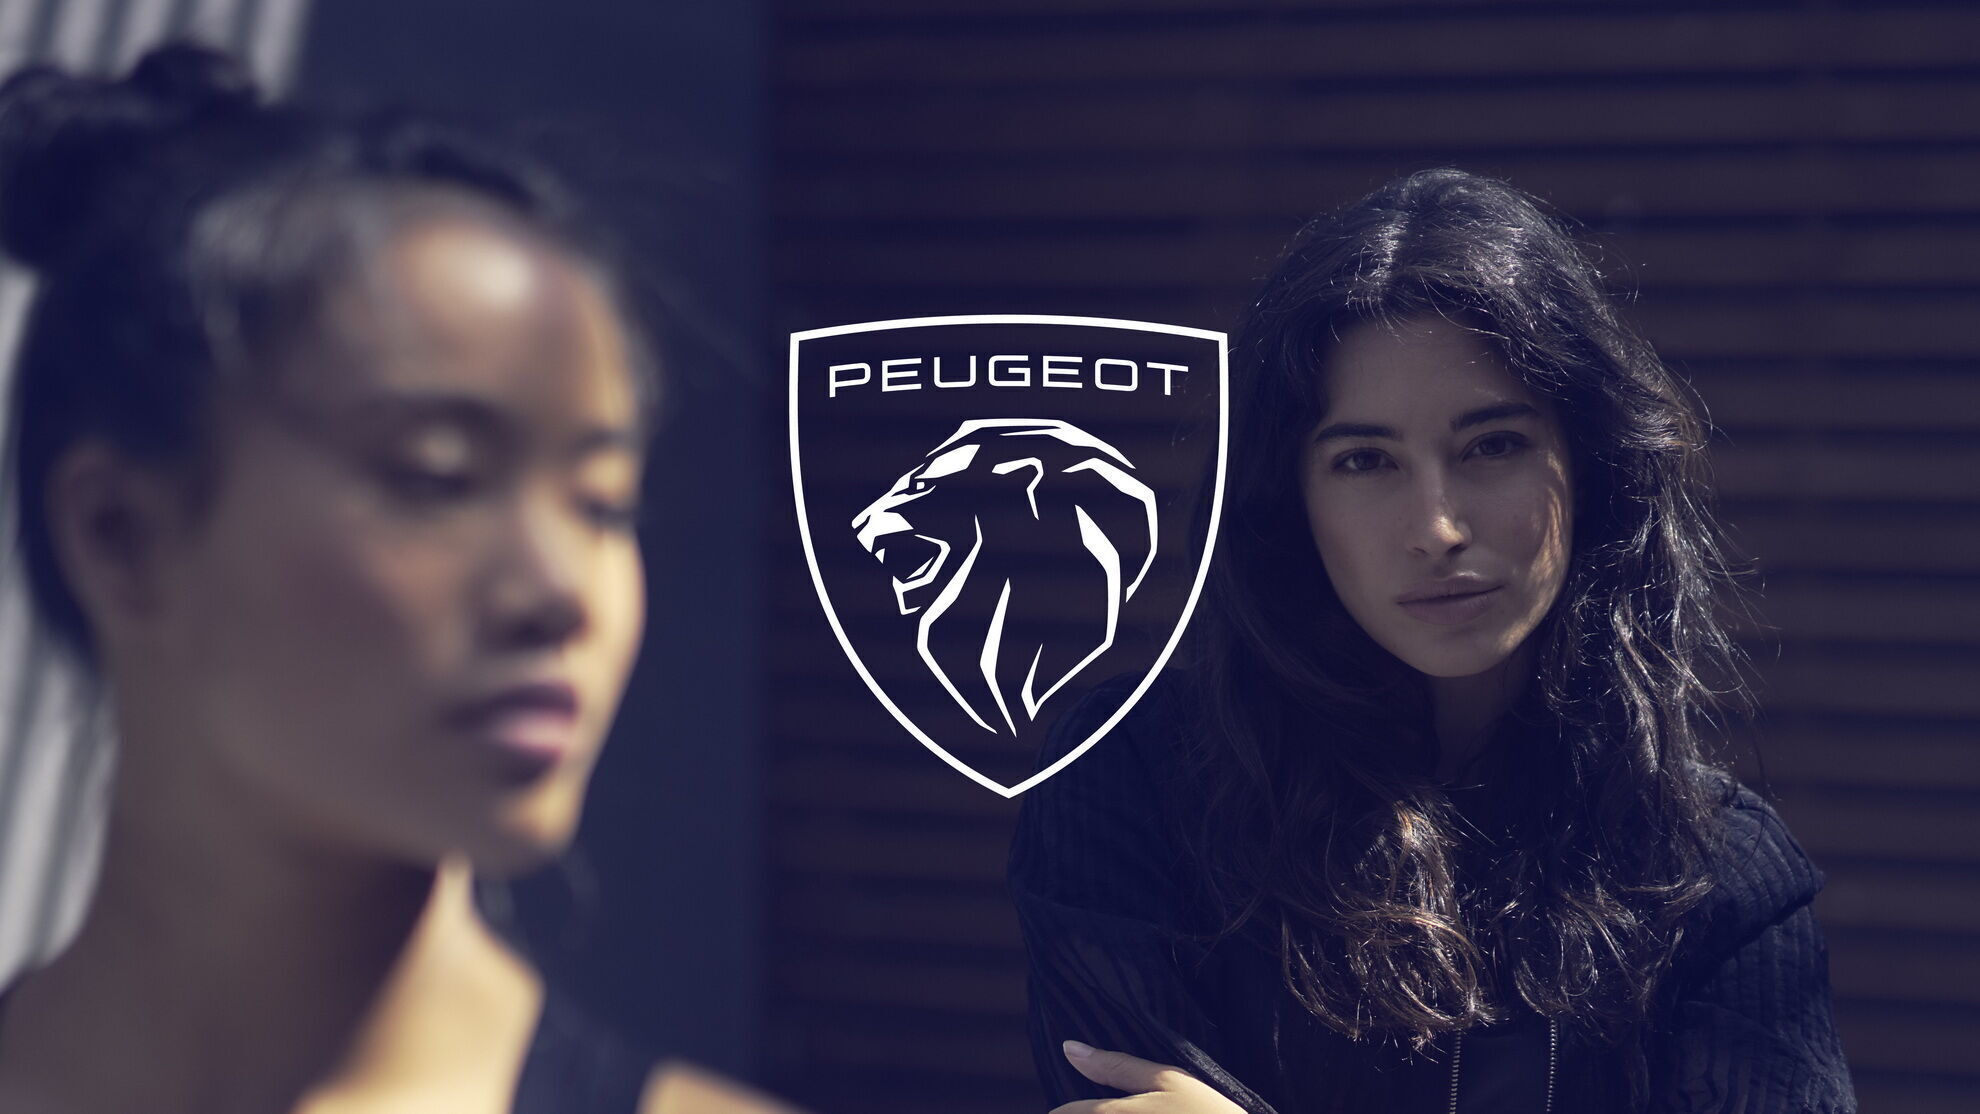 Peugeot продемонстрировала стильную эмблему в стиле ретро